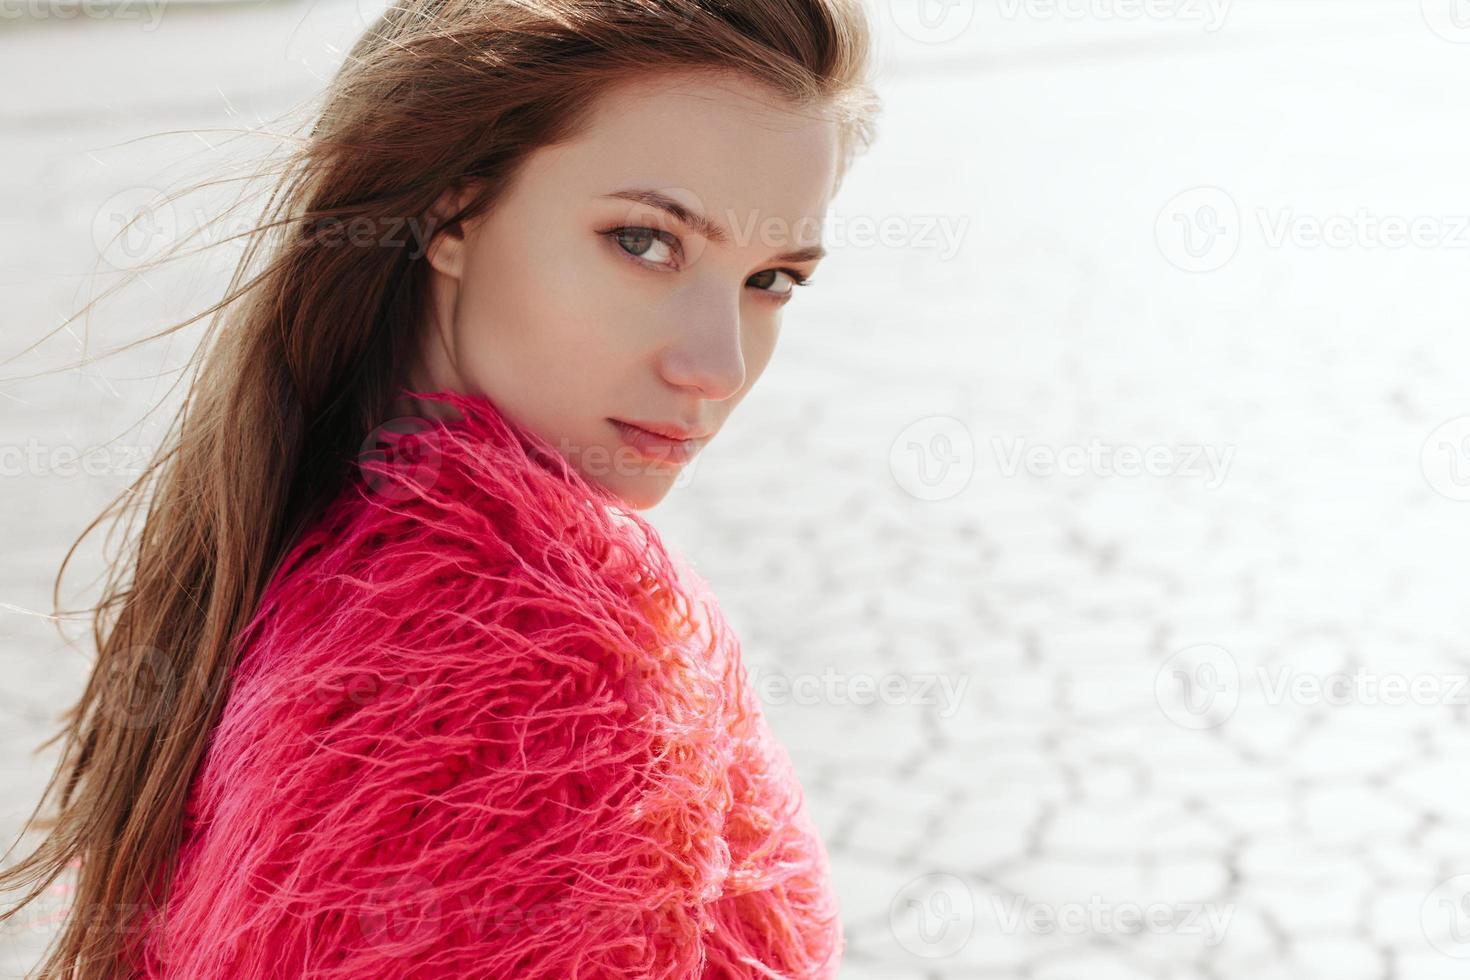 retrato ao ar livre do jovem modelo feminino bonito foto